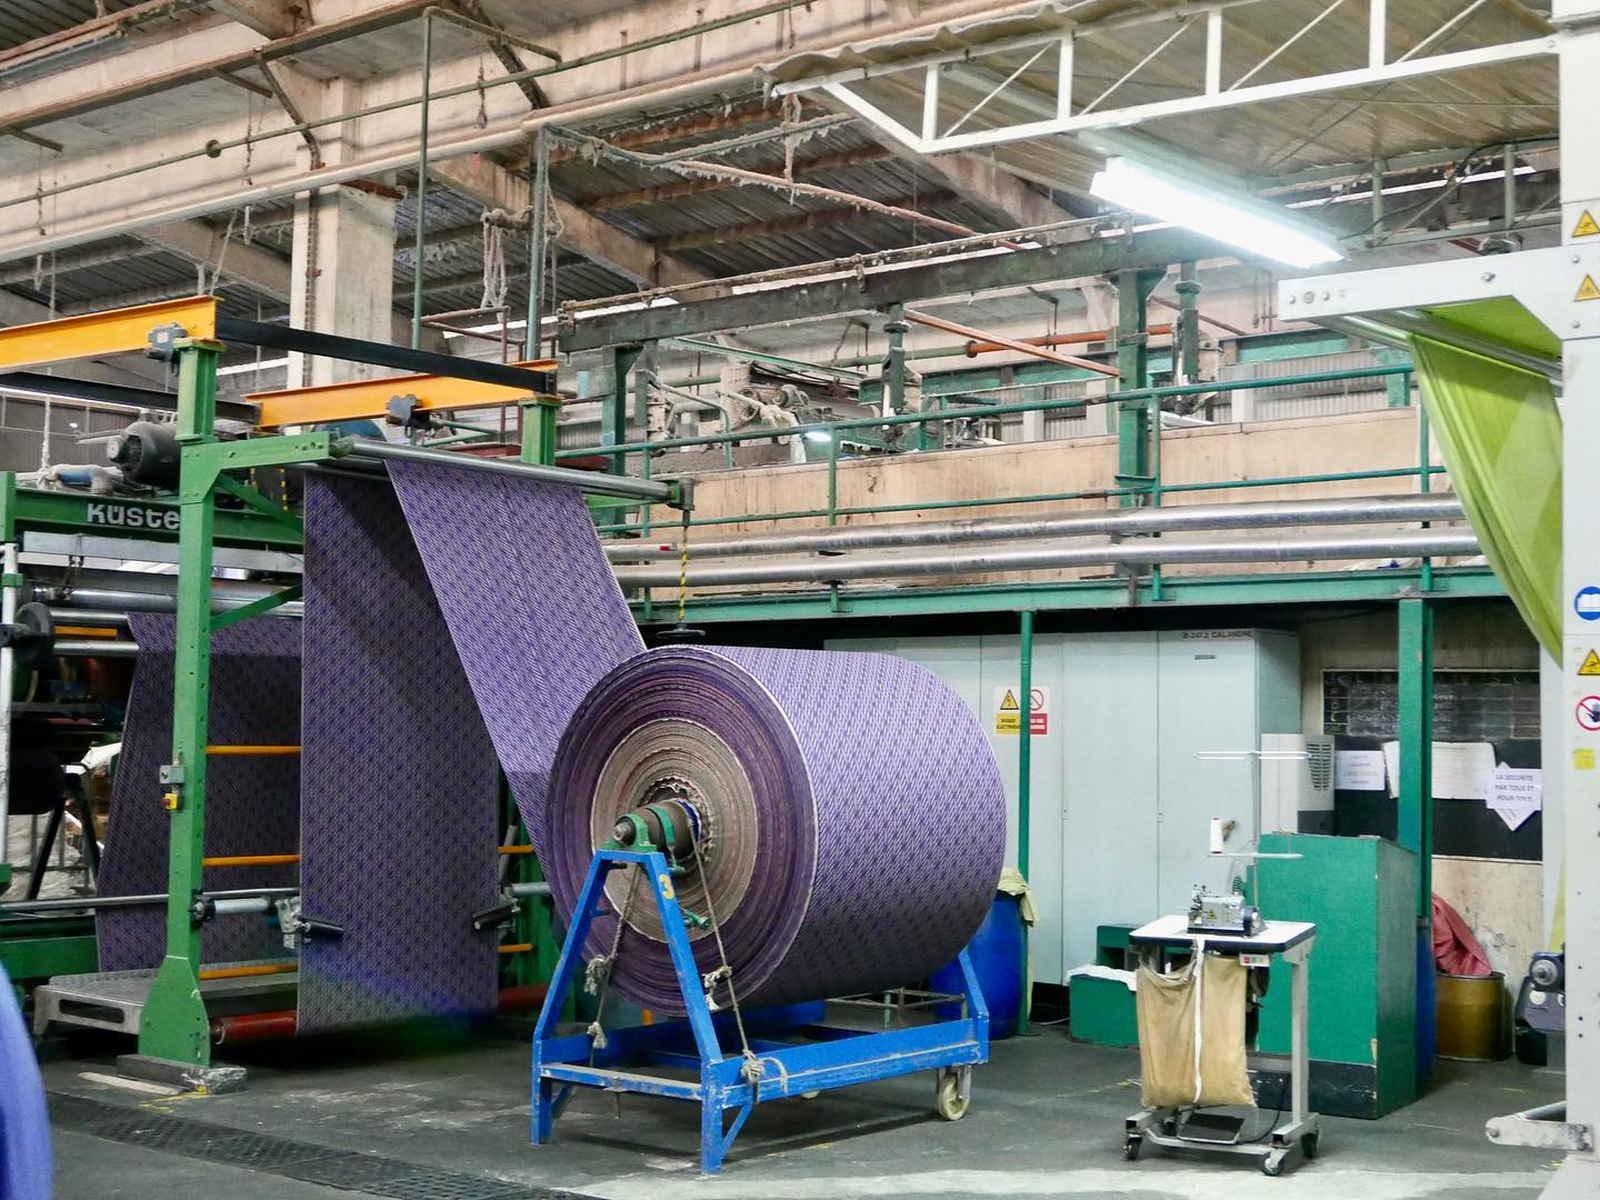 Voyage dans les coulisses de fabrication d'une basket Panafrica - usine Uniwax